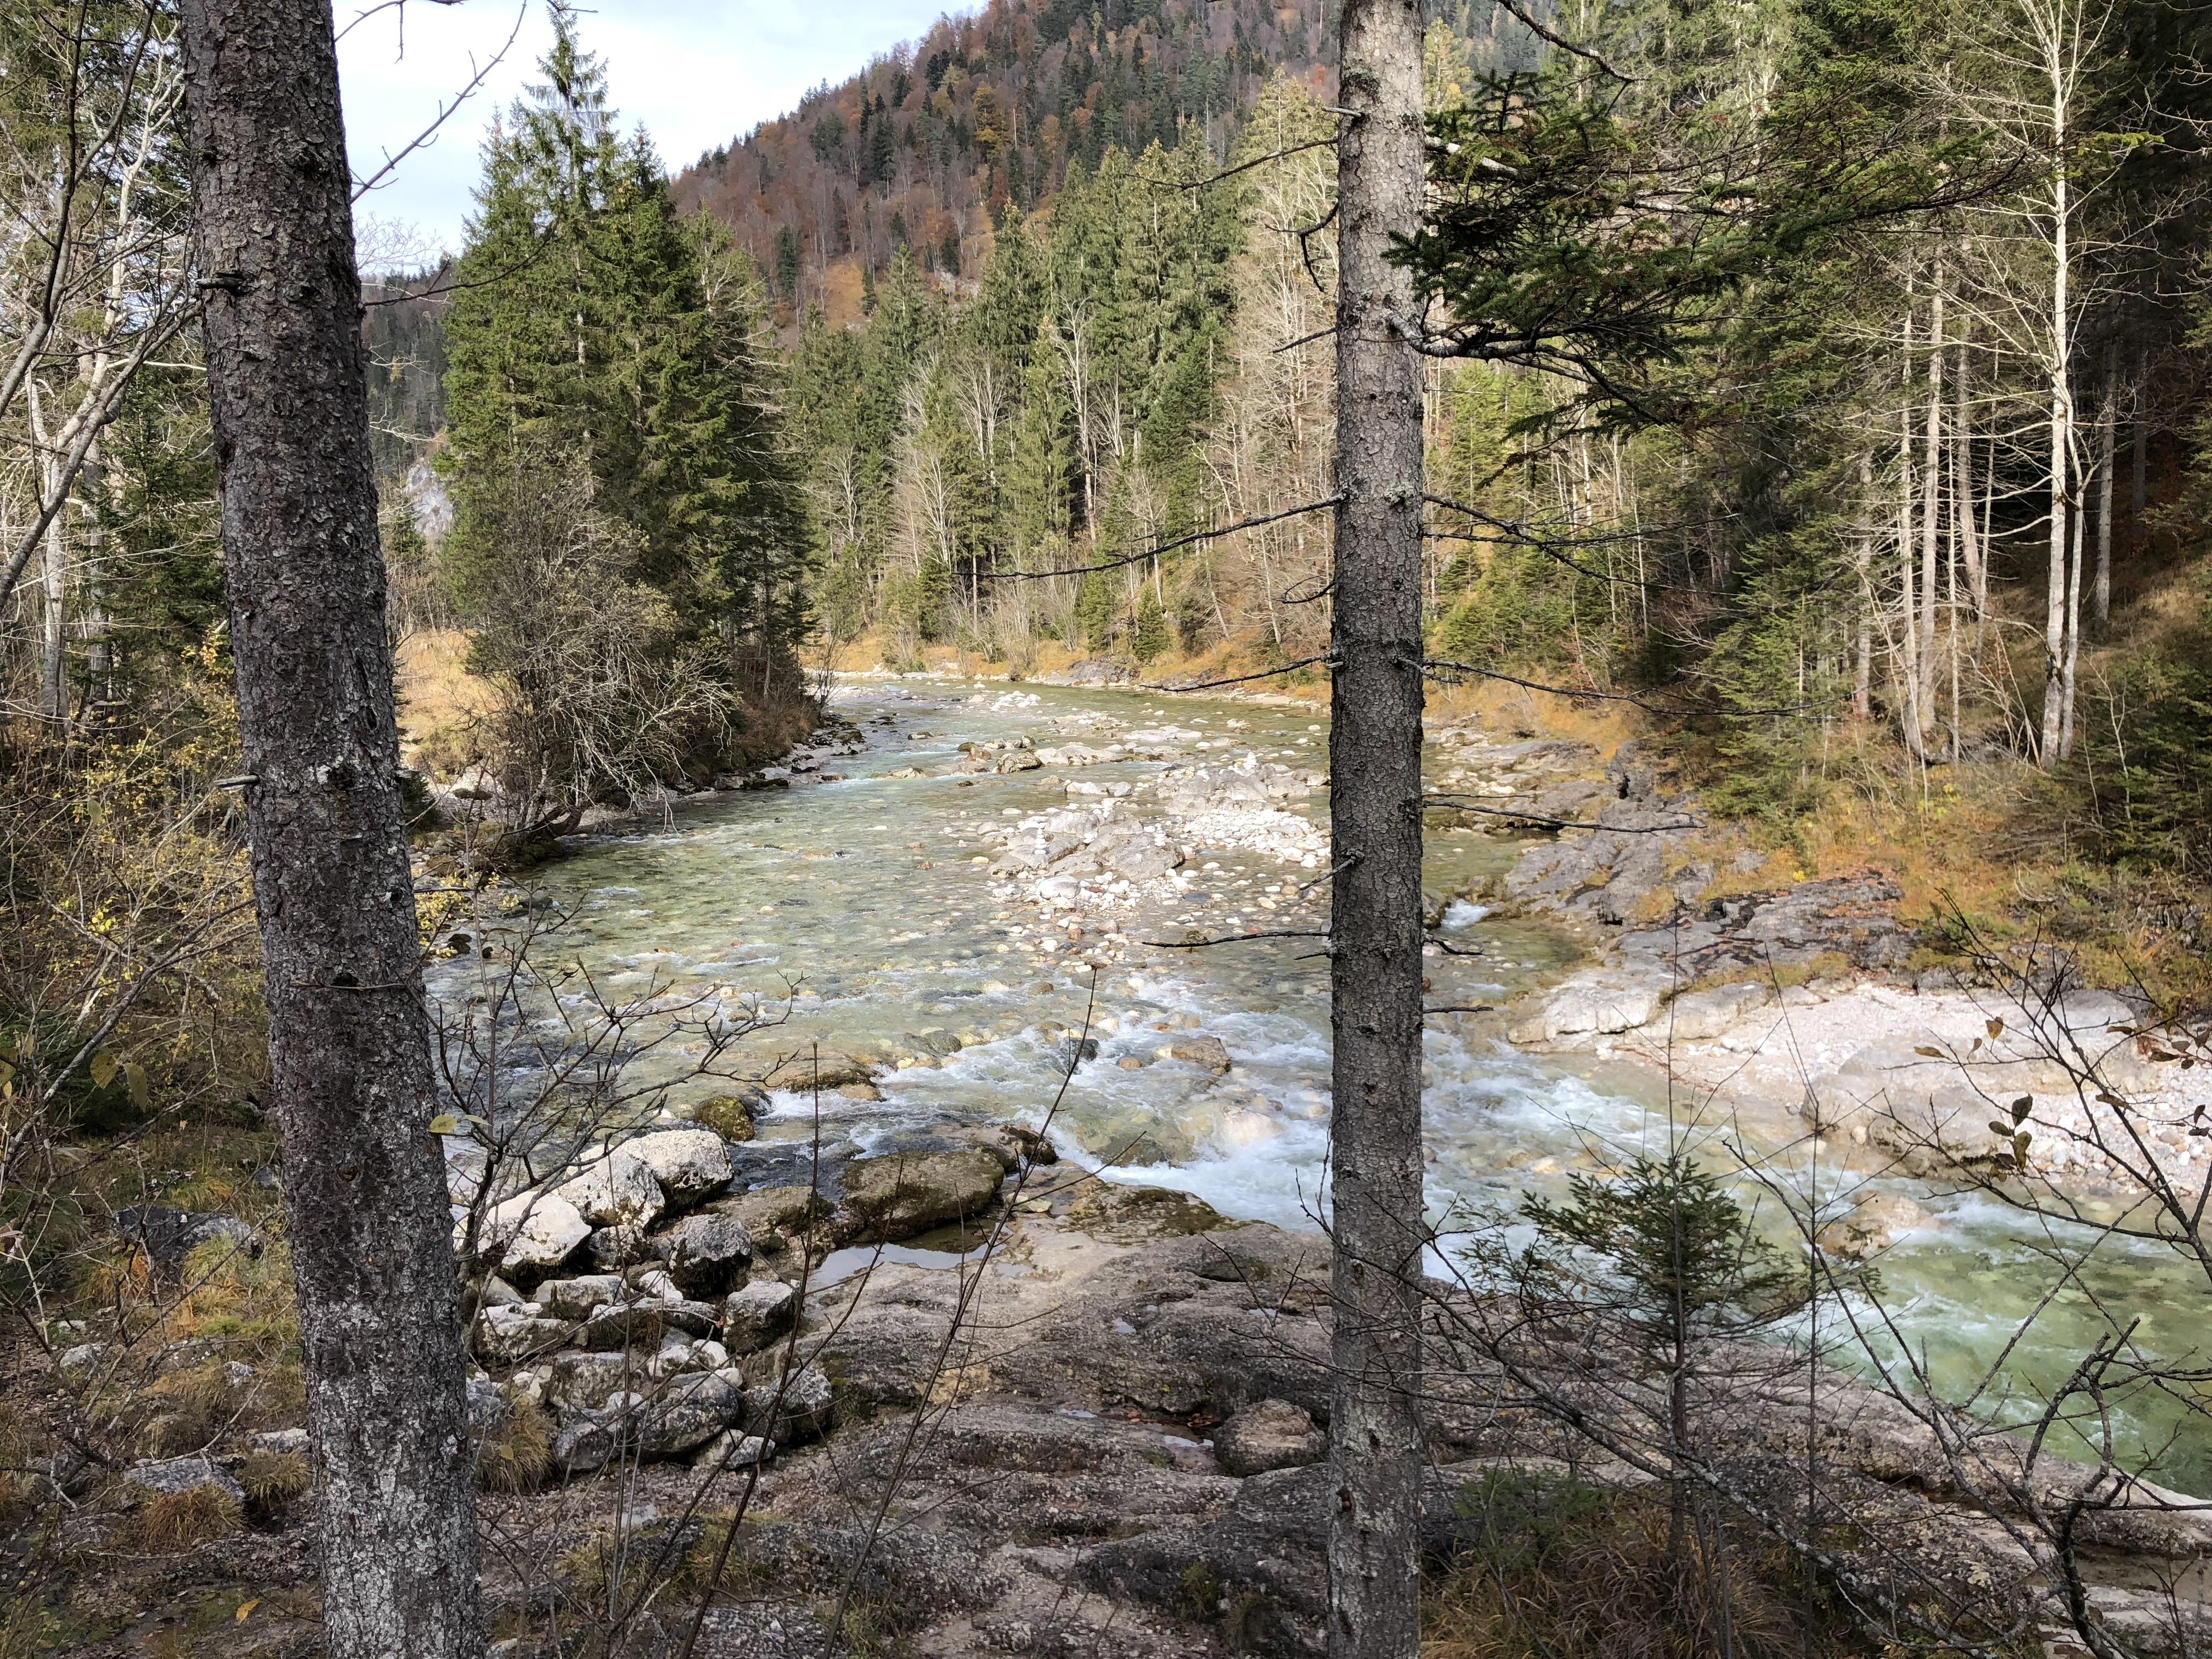 Ein schöner Blick auf die Kaiserklamm in Österreich bei Kufstein